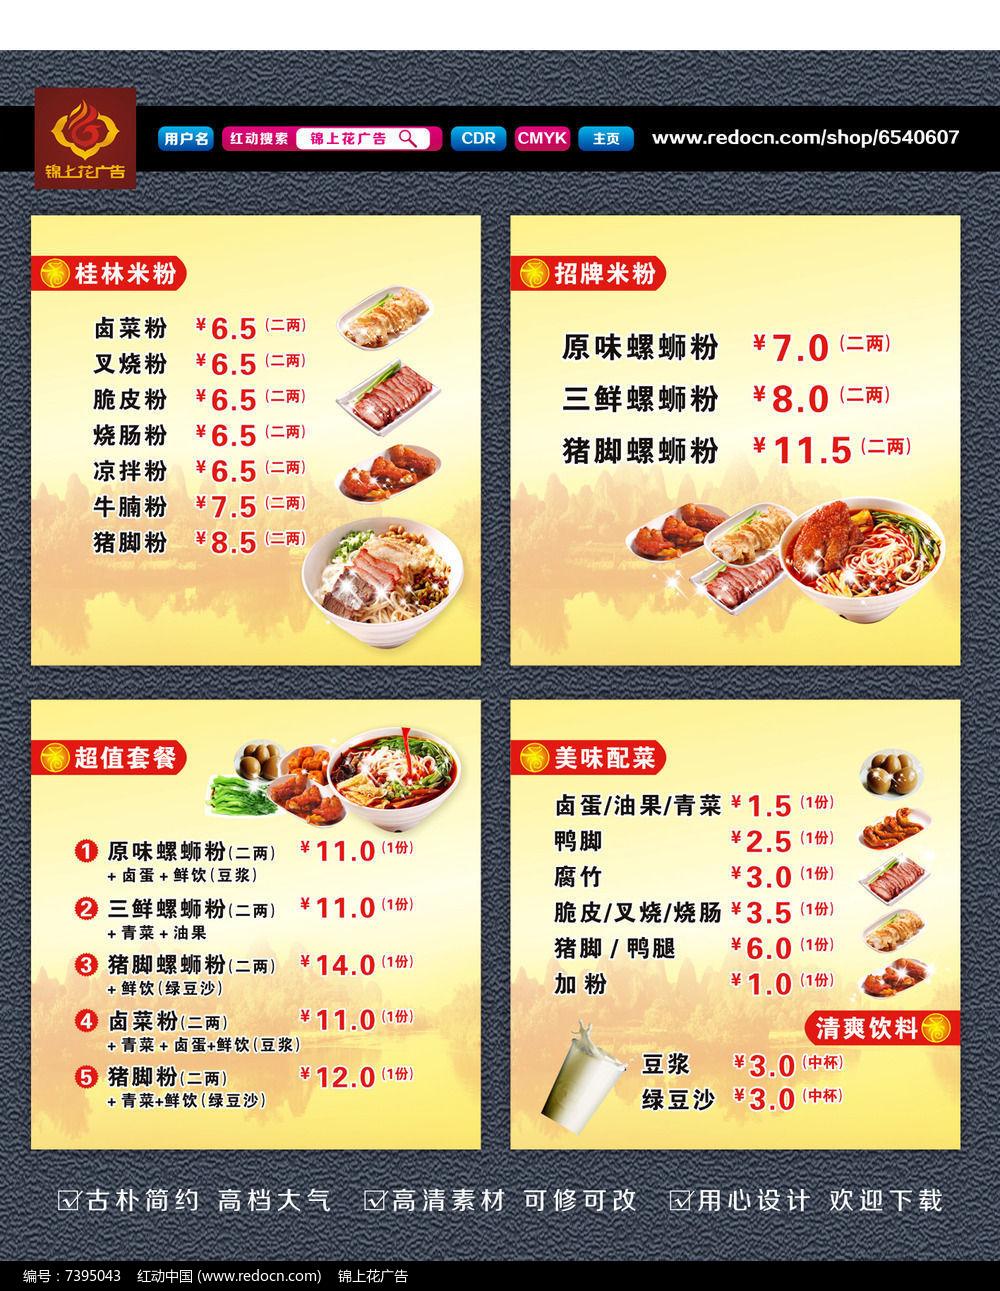 柳州螺蛳粉价目表设计模板cdr素材下载_菜单|菜谱设计